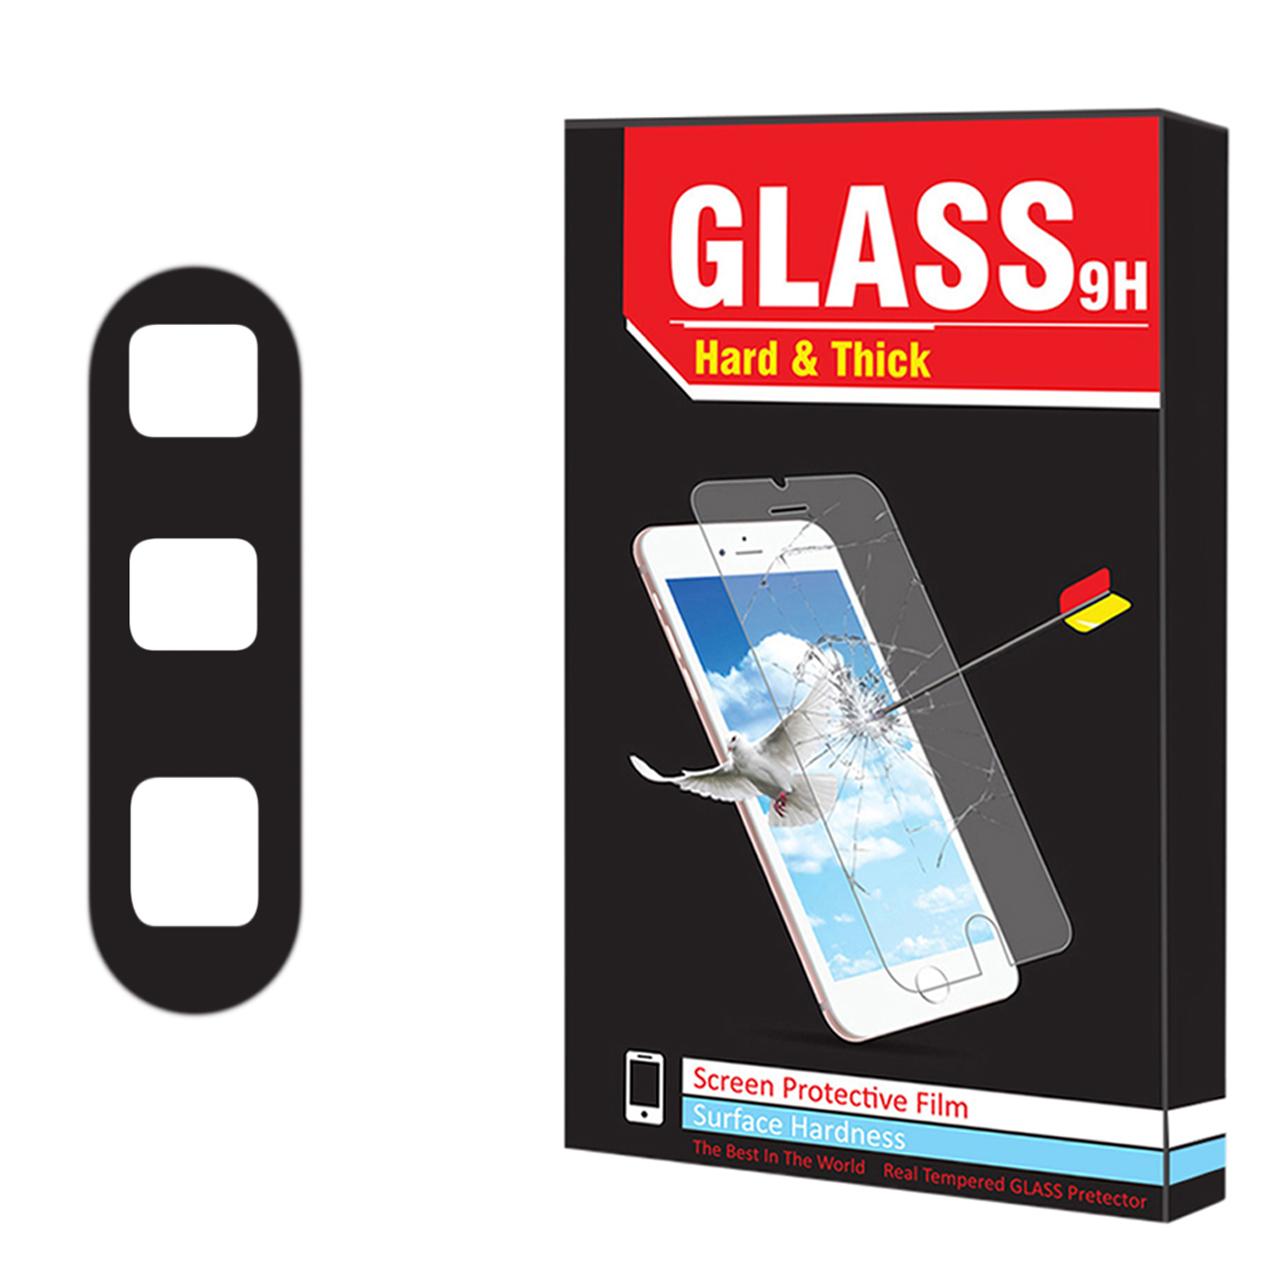 محافظ لنز دوربین Hard and Thick مدل LZ-01 مناسب برای گوشی موبایل هوآوی P30 pro